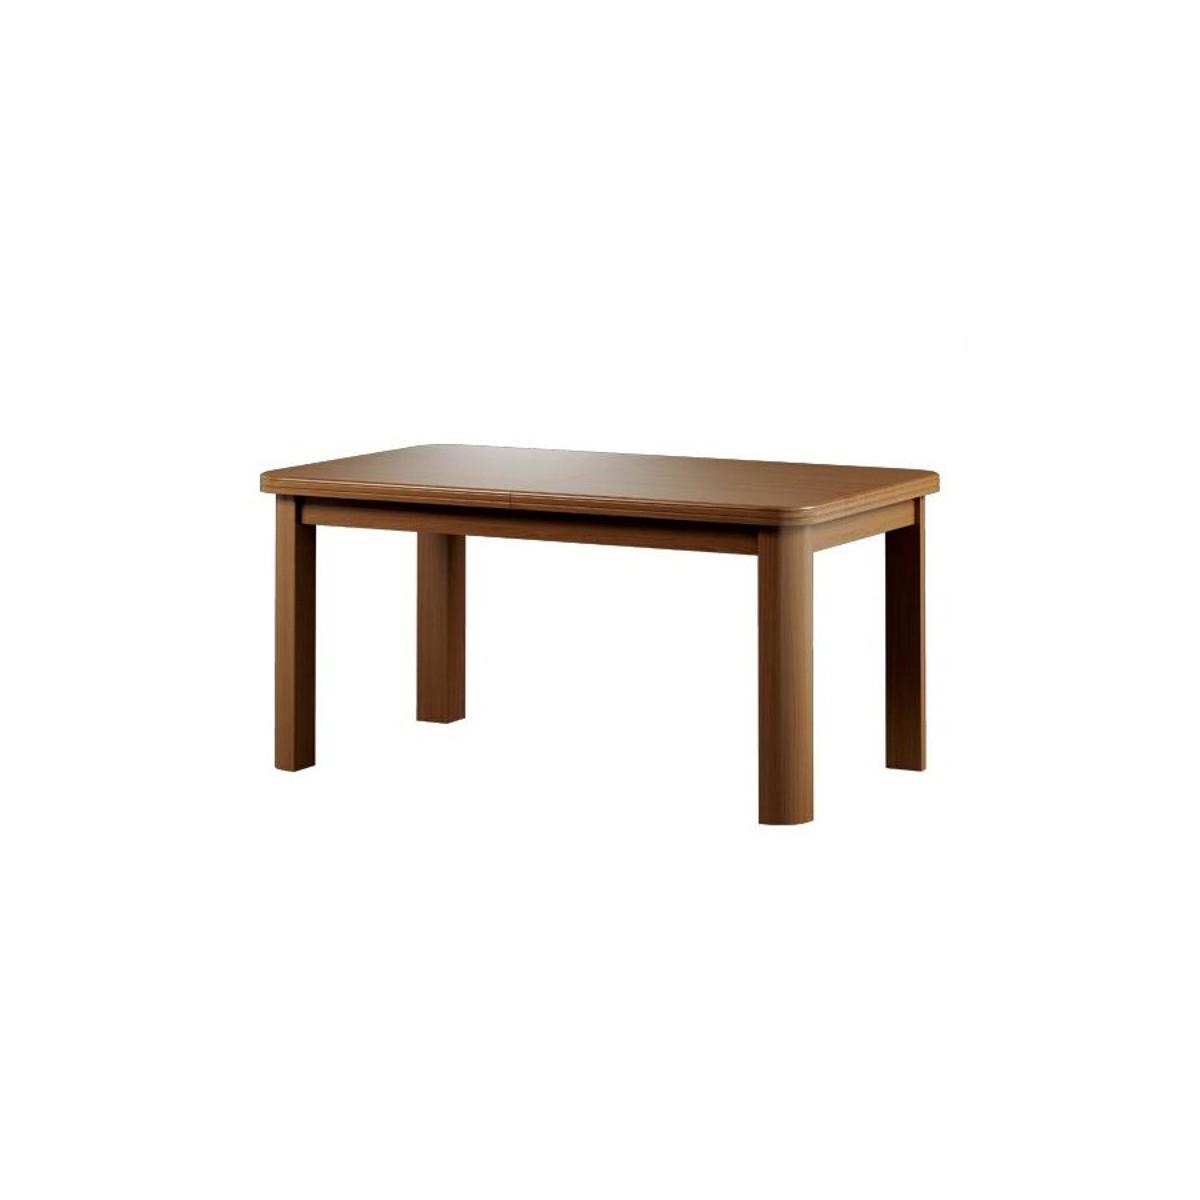 Bawaria stół S22 Mebdom